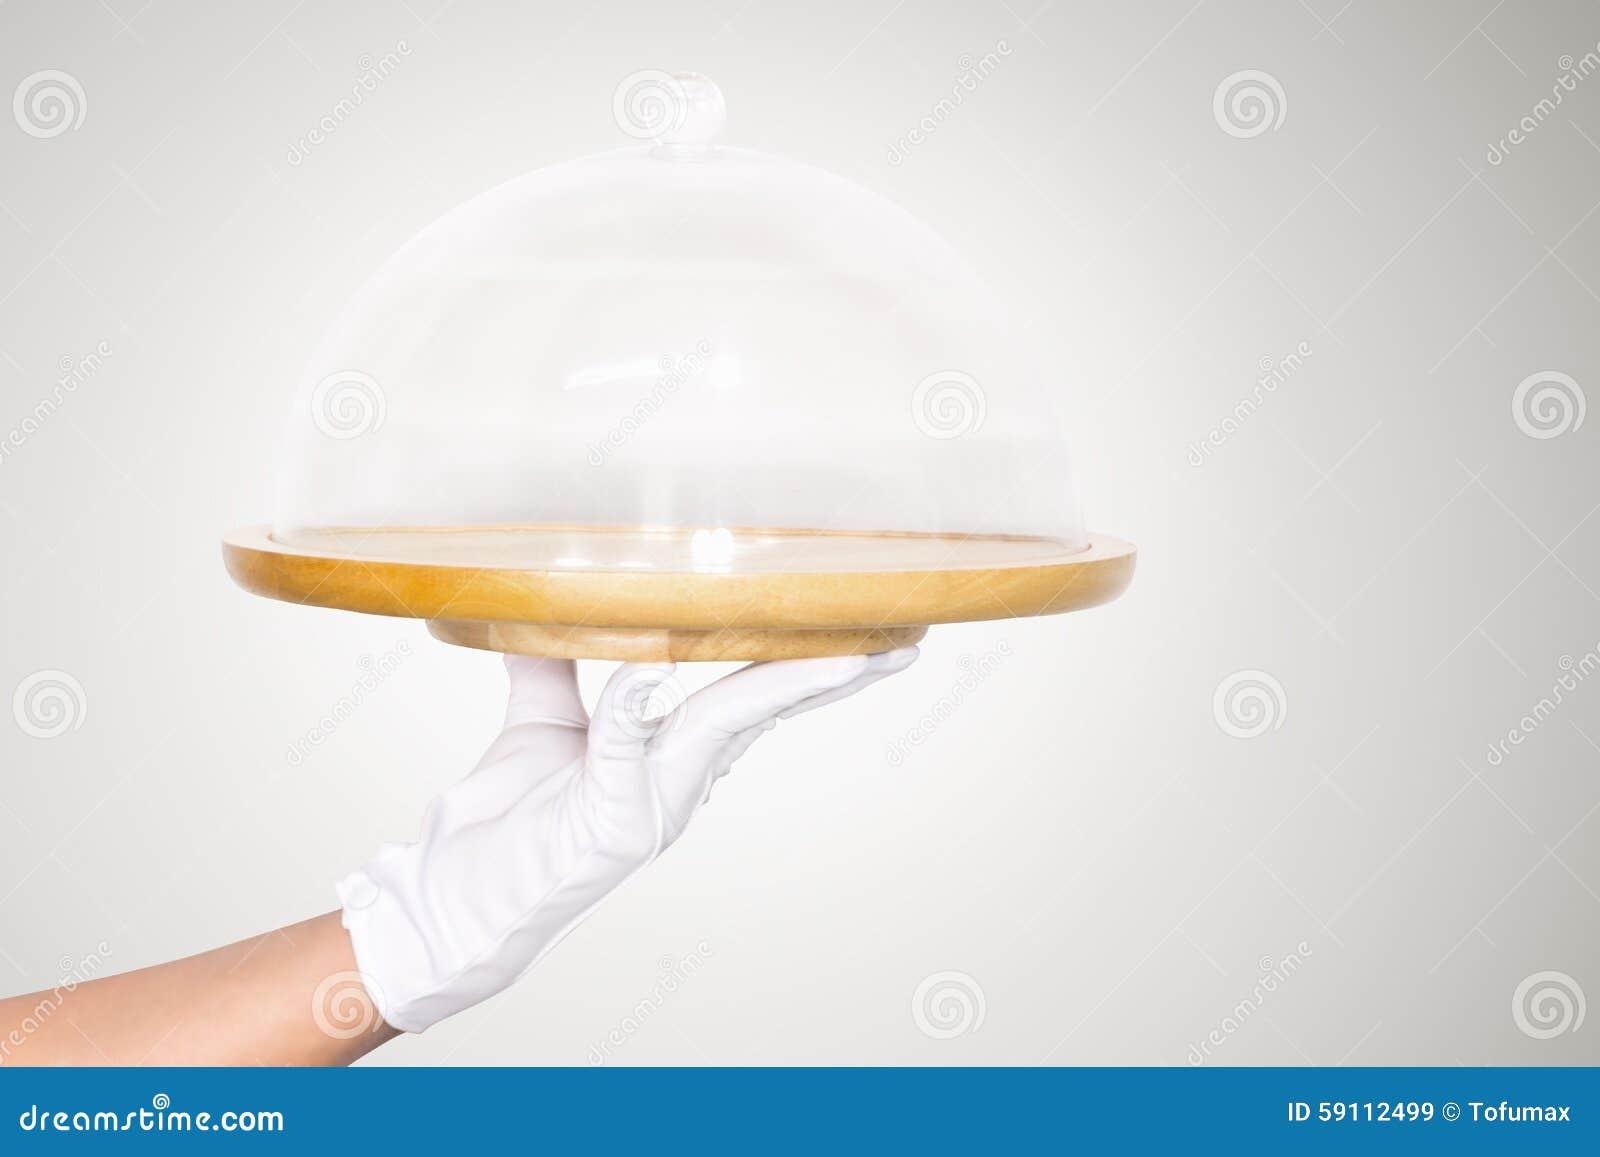 拿着盘子的手